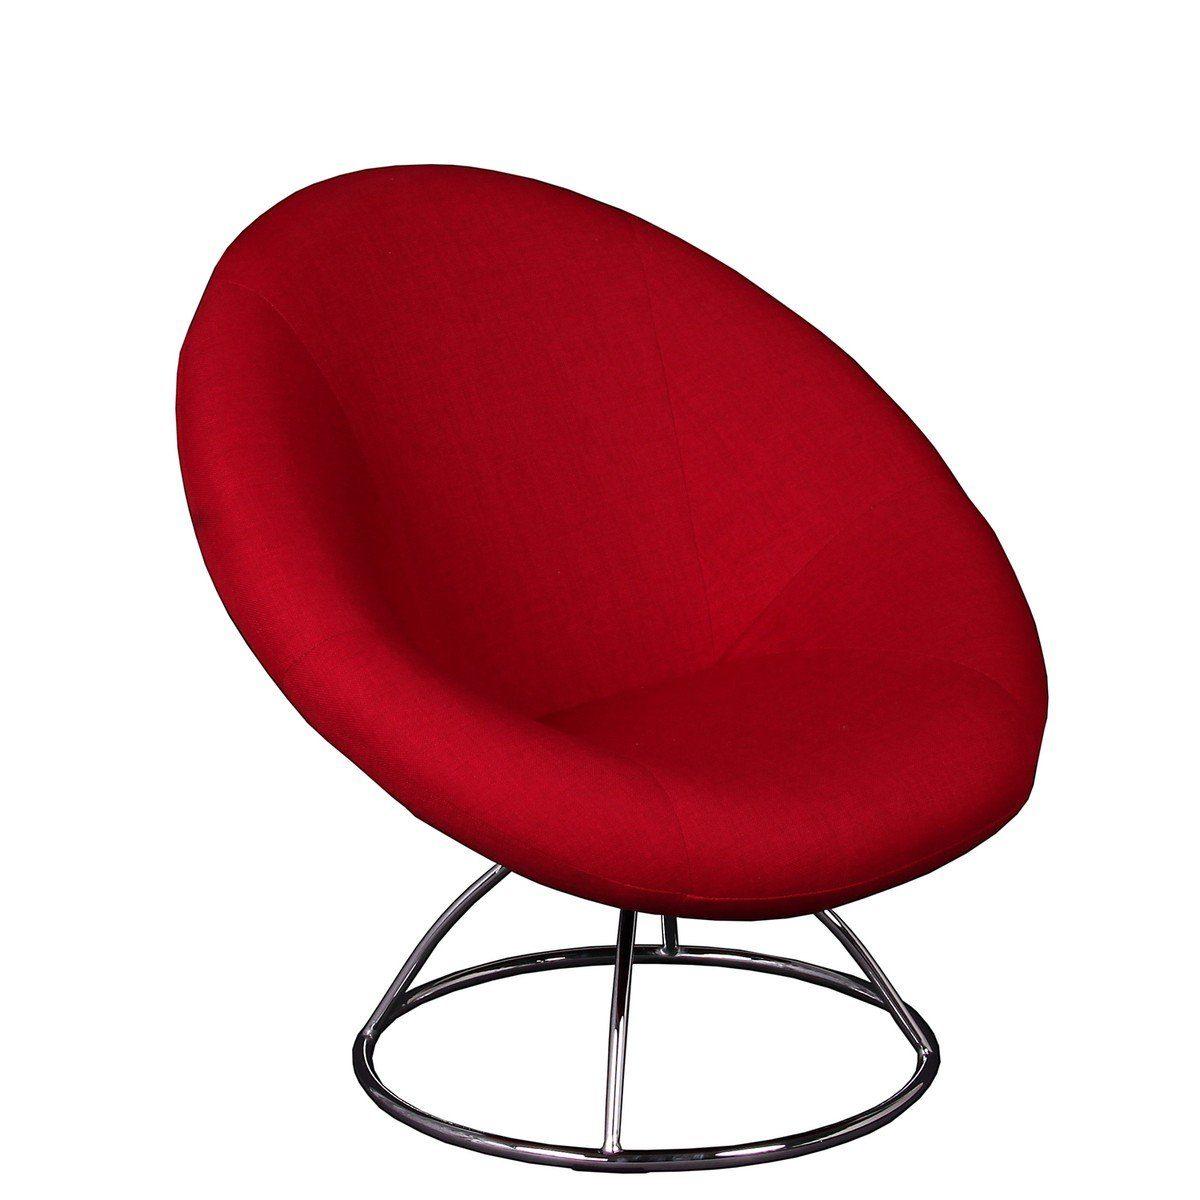 Kasper-Wohndesign Sessel versch. Farben »RELAX LUND«